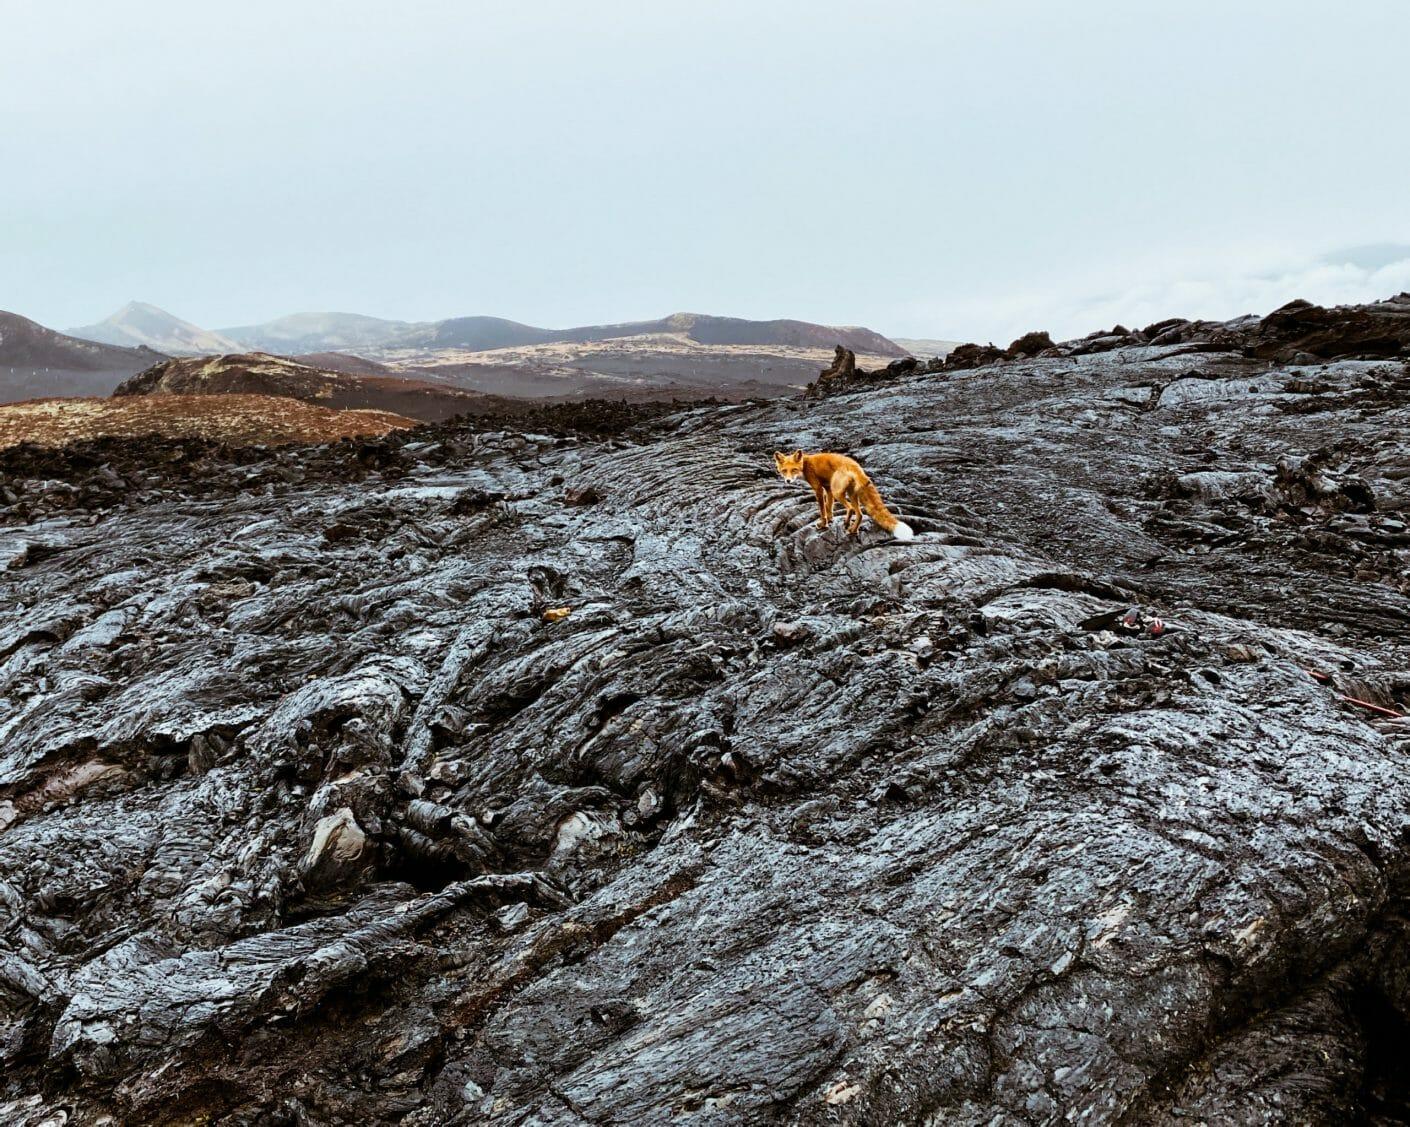 Flanc d'un volcan, lave séchée, un regard marche dessus